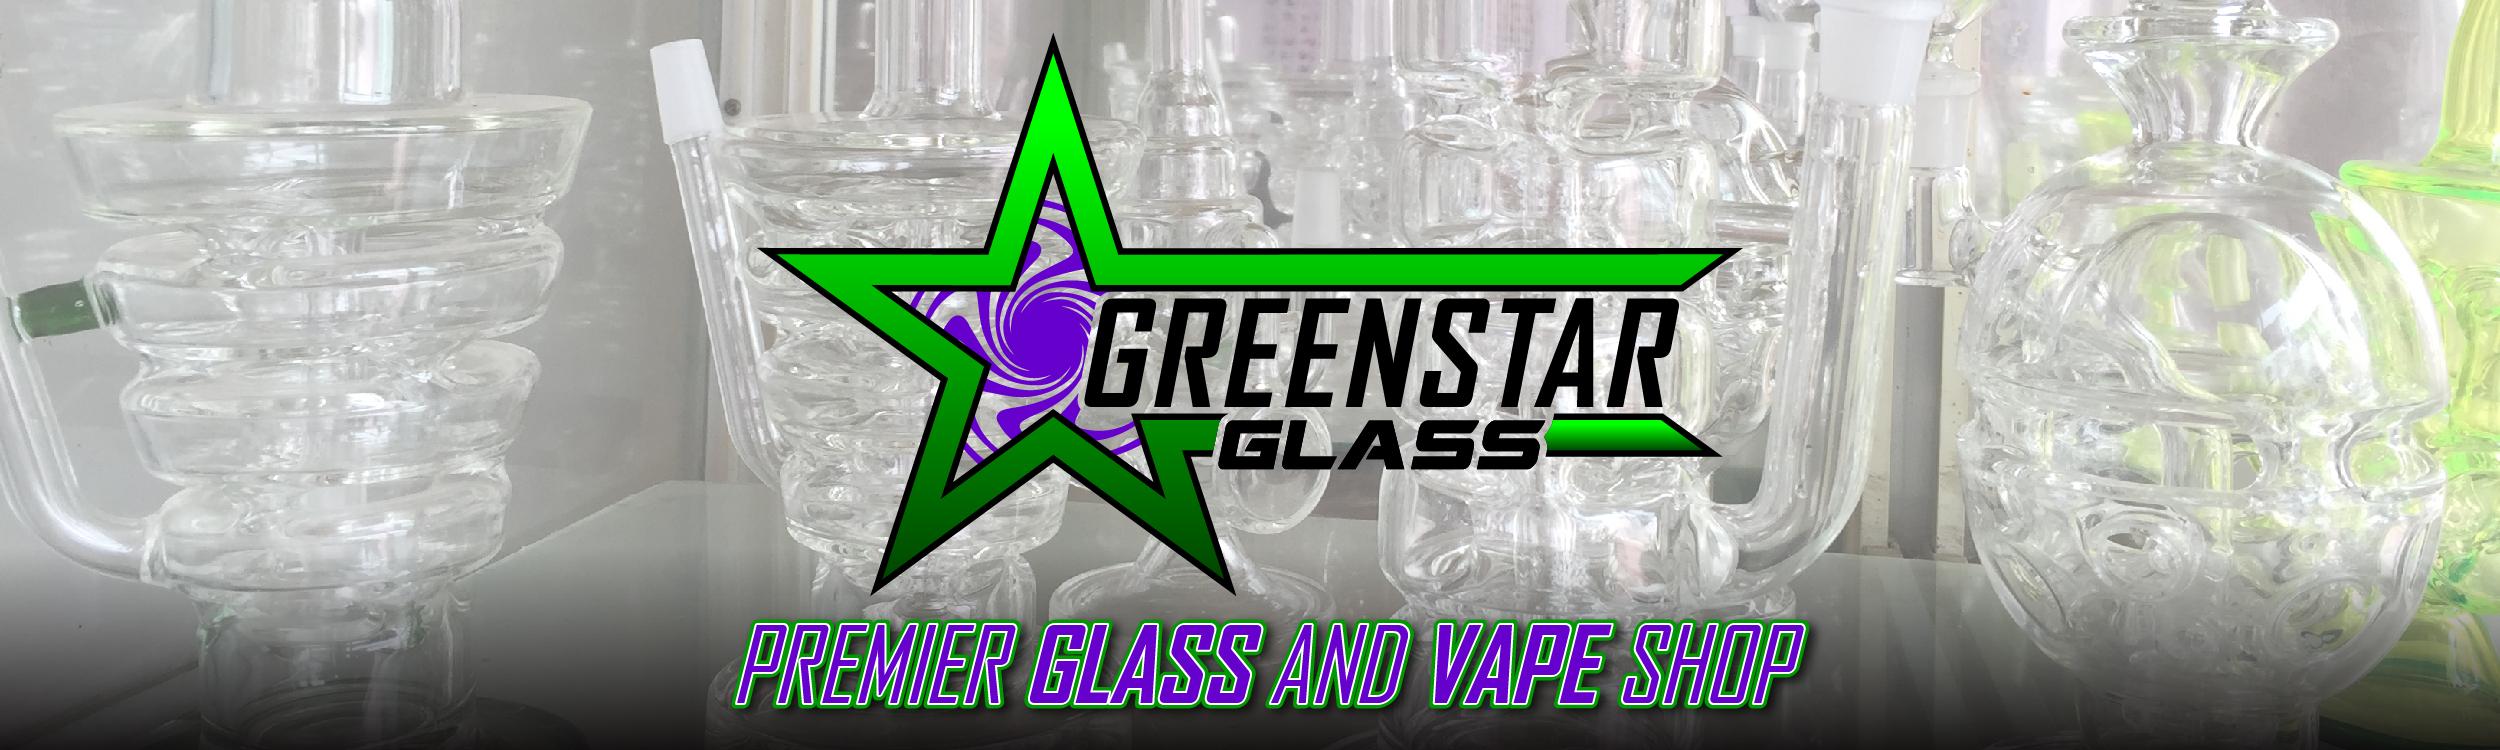 Greenstar Glass and Vape Shop Banner | Council Bluffs CBD